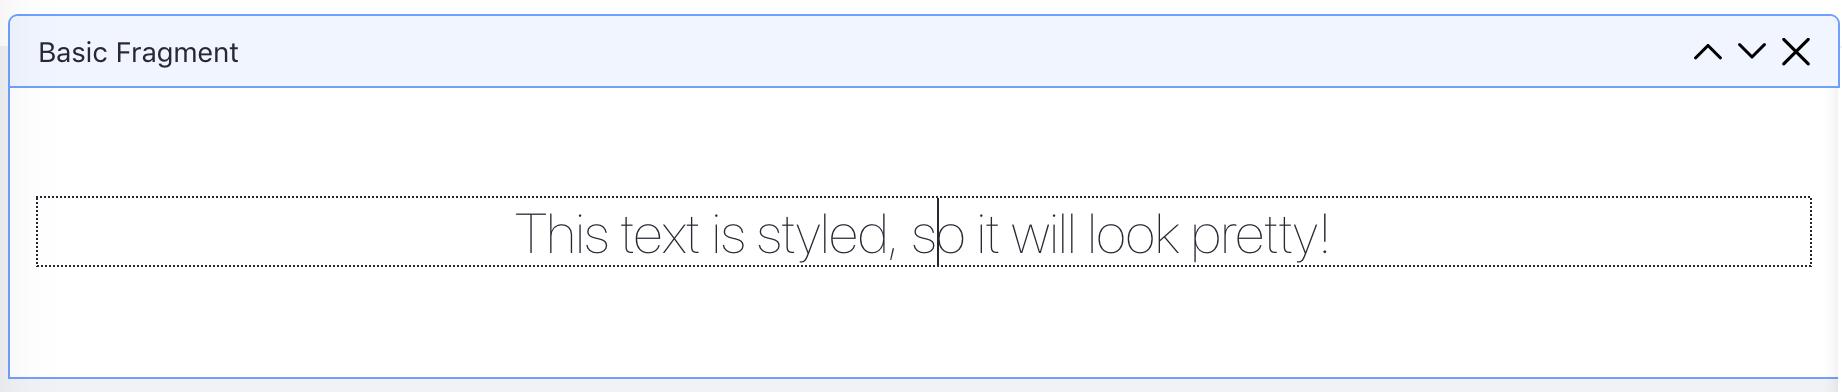 図1:ページテンプレートエディターでテキストを編集できます。